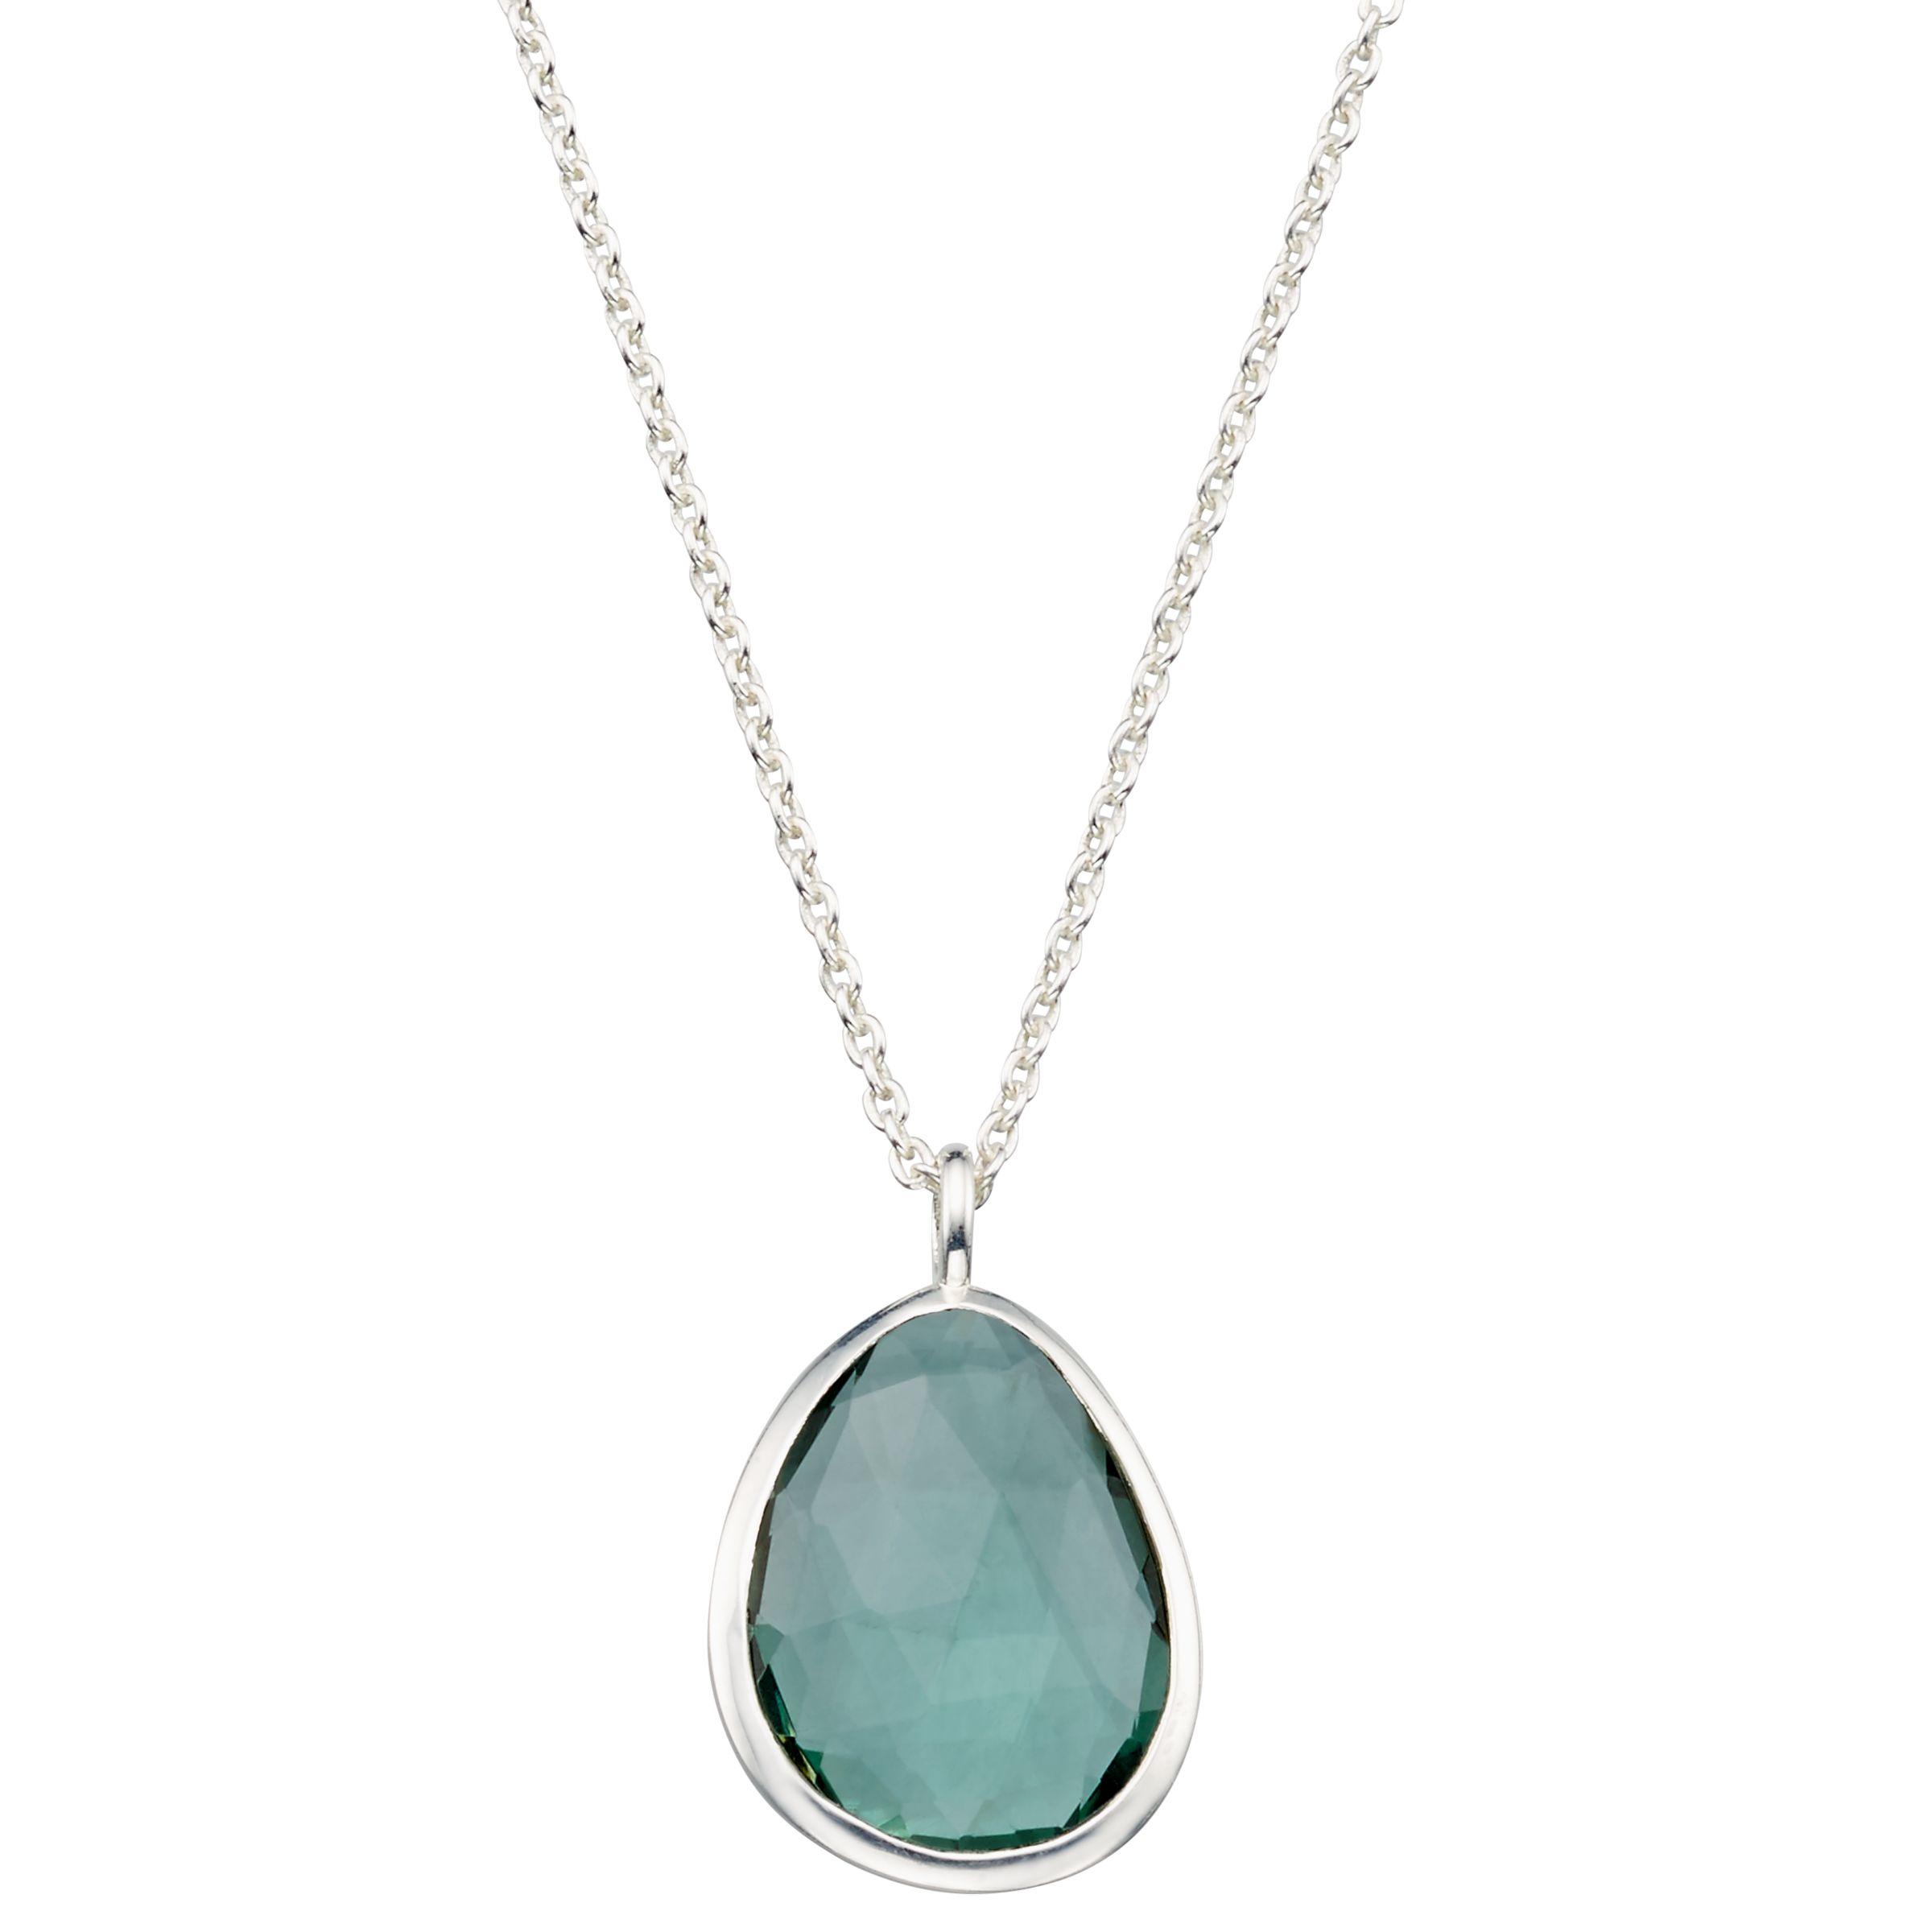 John Lewis Gemstones John Lewis Gemstones Organic Shape Quartz Pendant Necklace, Silver/Green